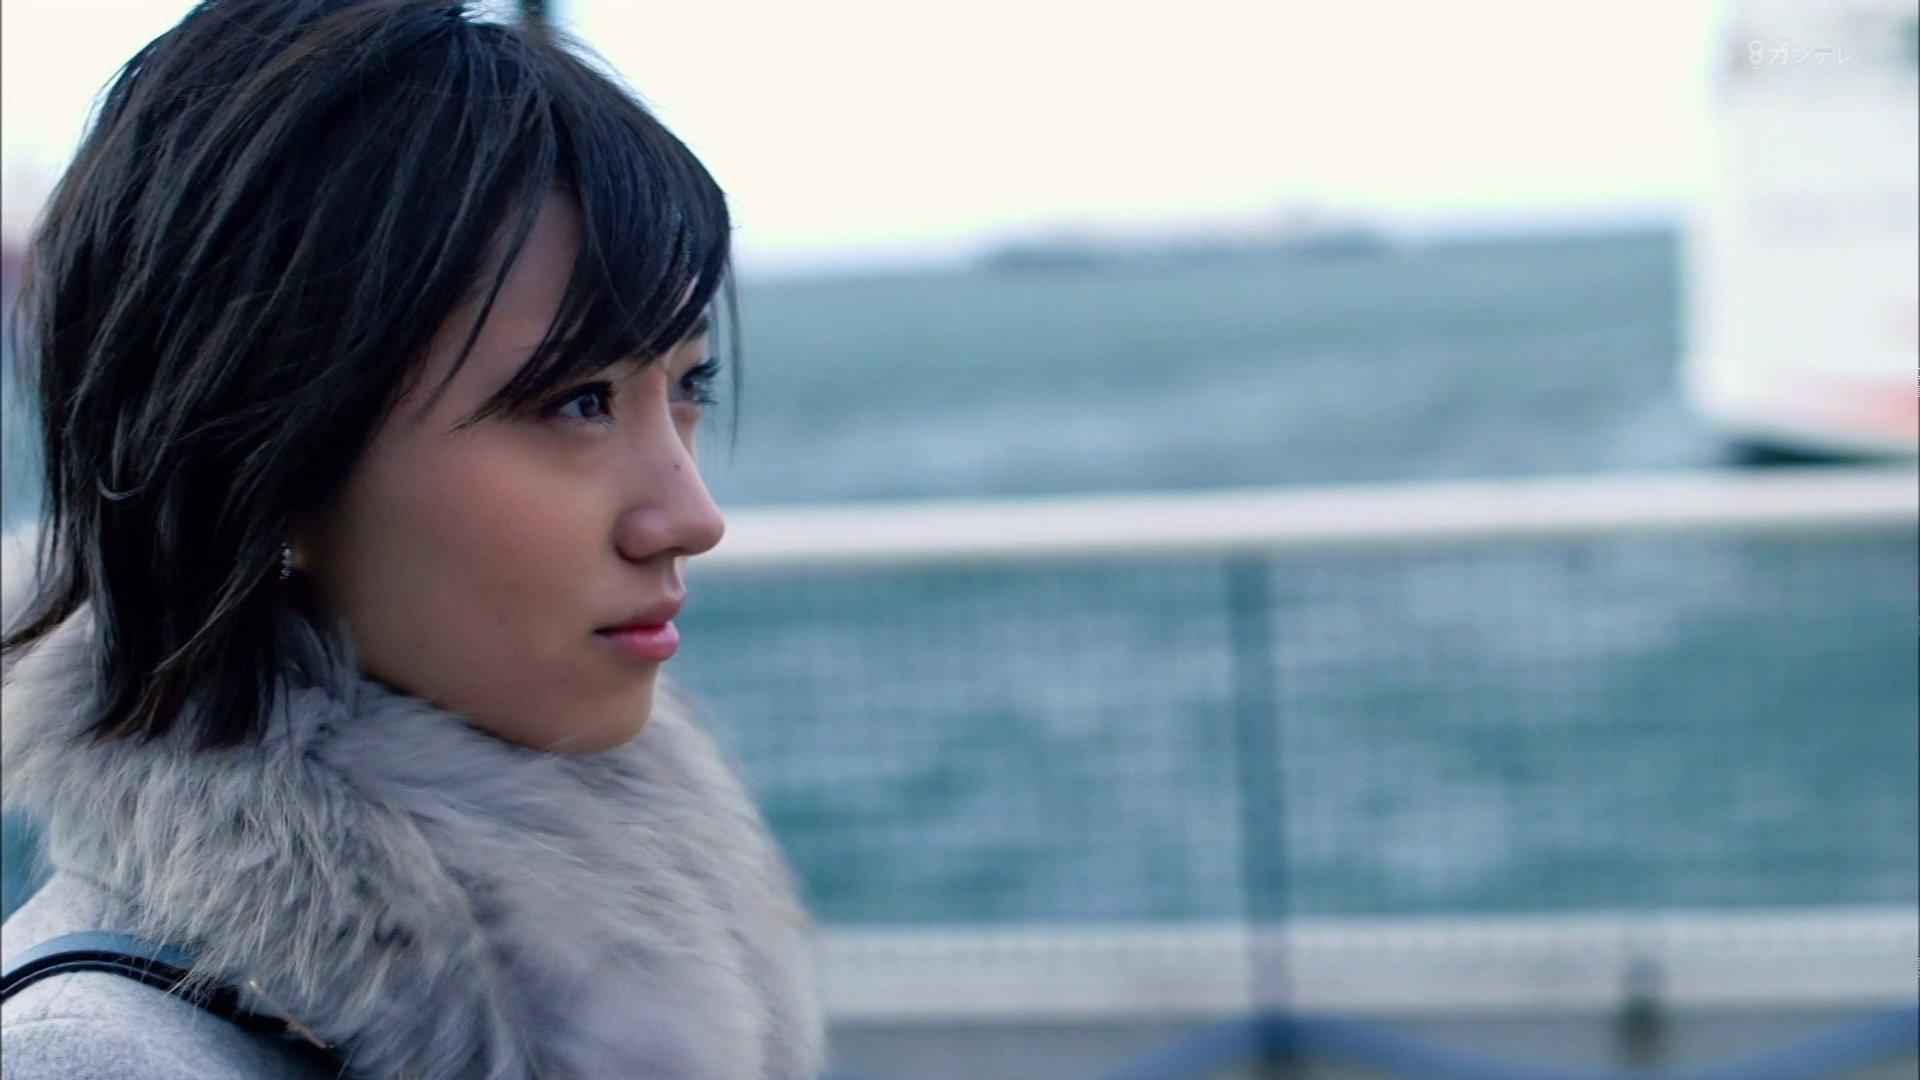 【太田夢莉】ゆーり出演6月6日放送「ミナミの帝王ZERO」♯7の画像。